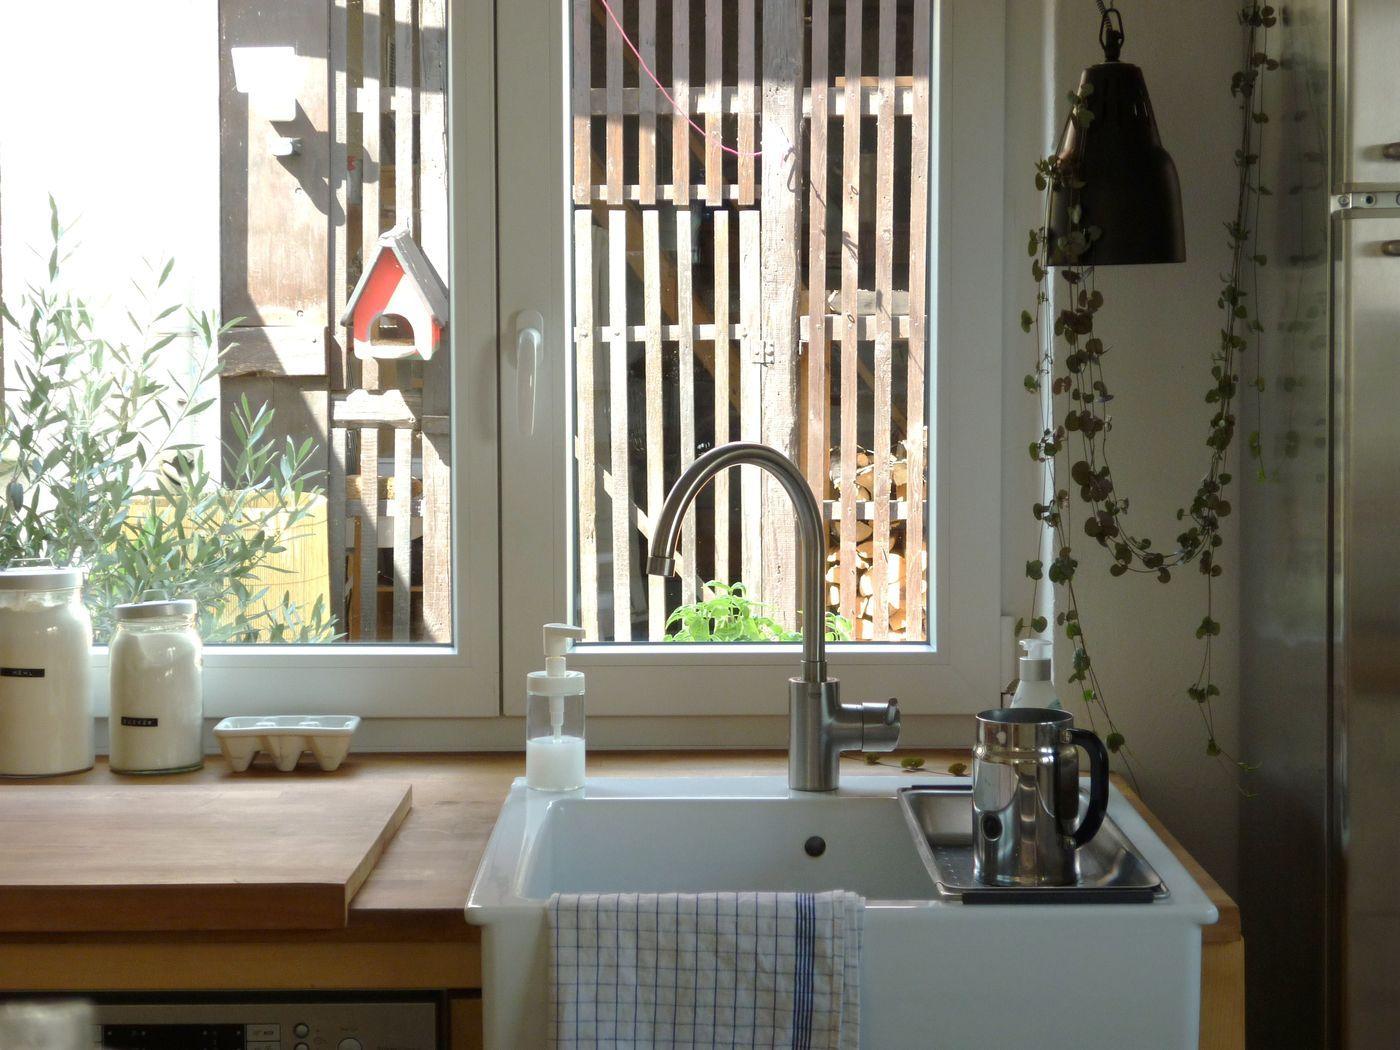 Full Size of Schne Ideen Fr Das Ikea Vrde System Kche Küche Kosten Modulküche Betten Bei Sofa Mit Schlaffunktion Holz Miniküche 160x200 Kaufen Wohnzimmer Ikea Modulküche Värde